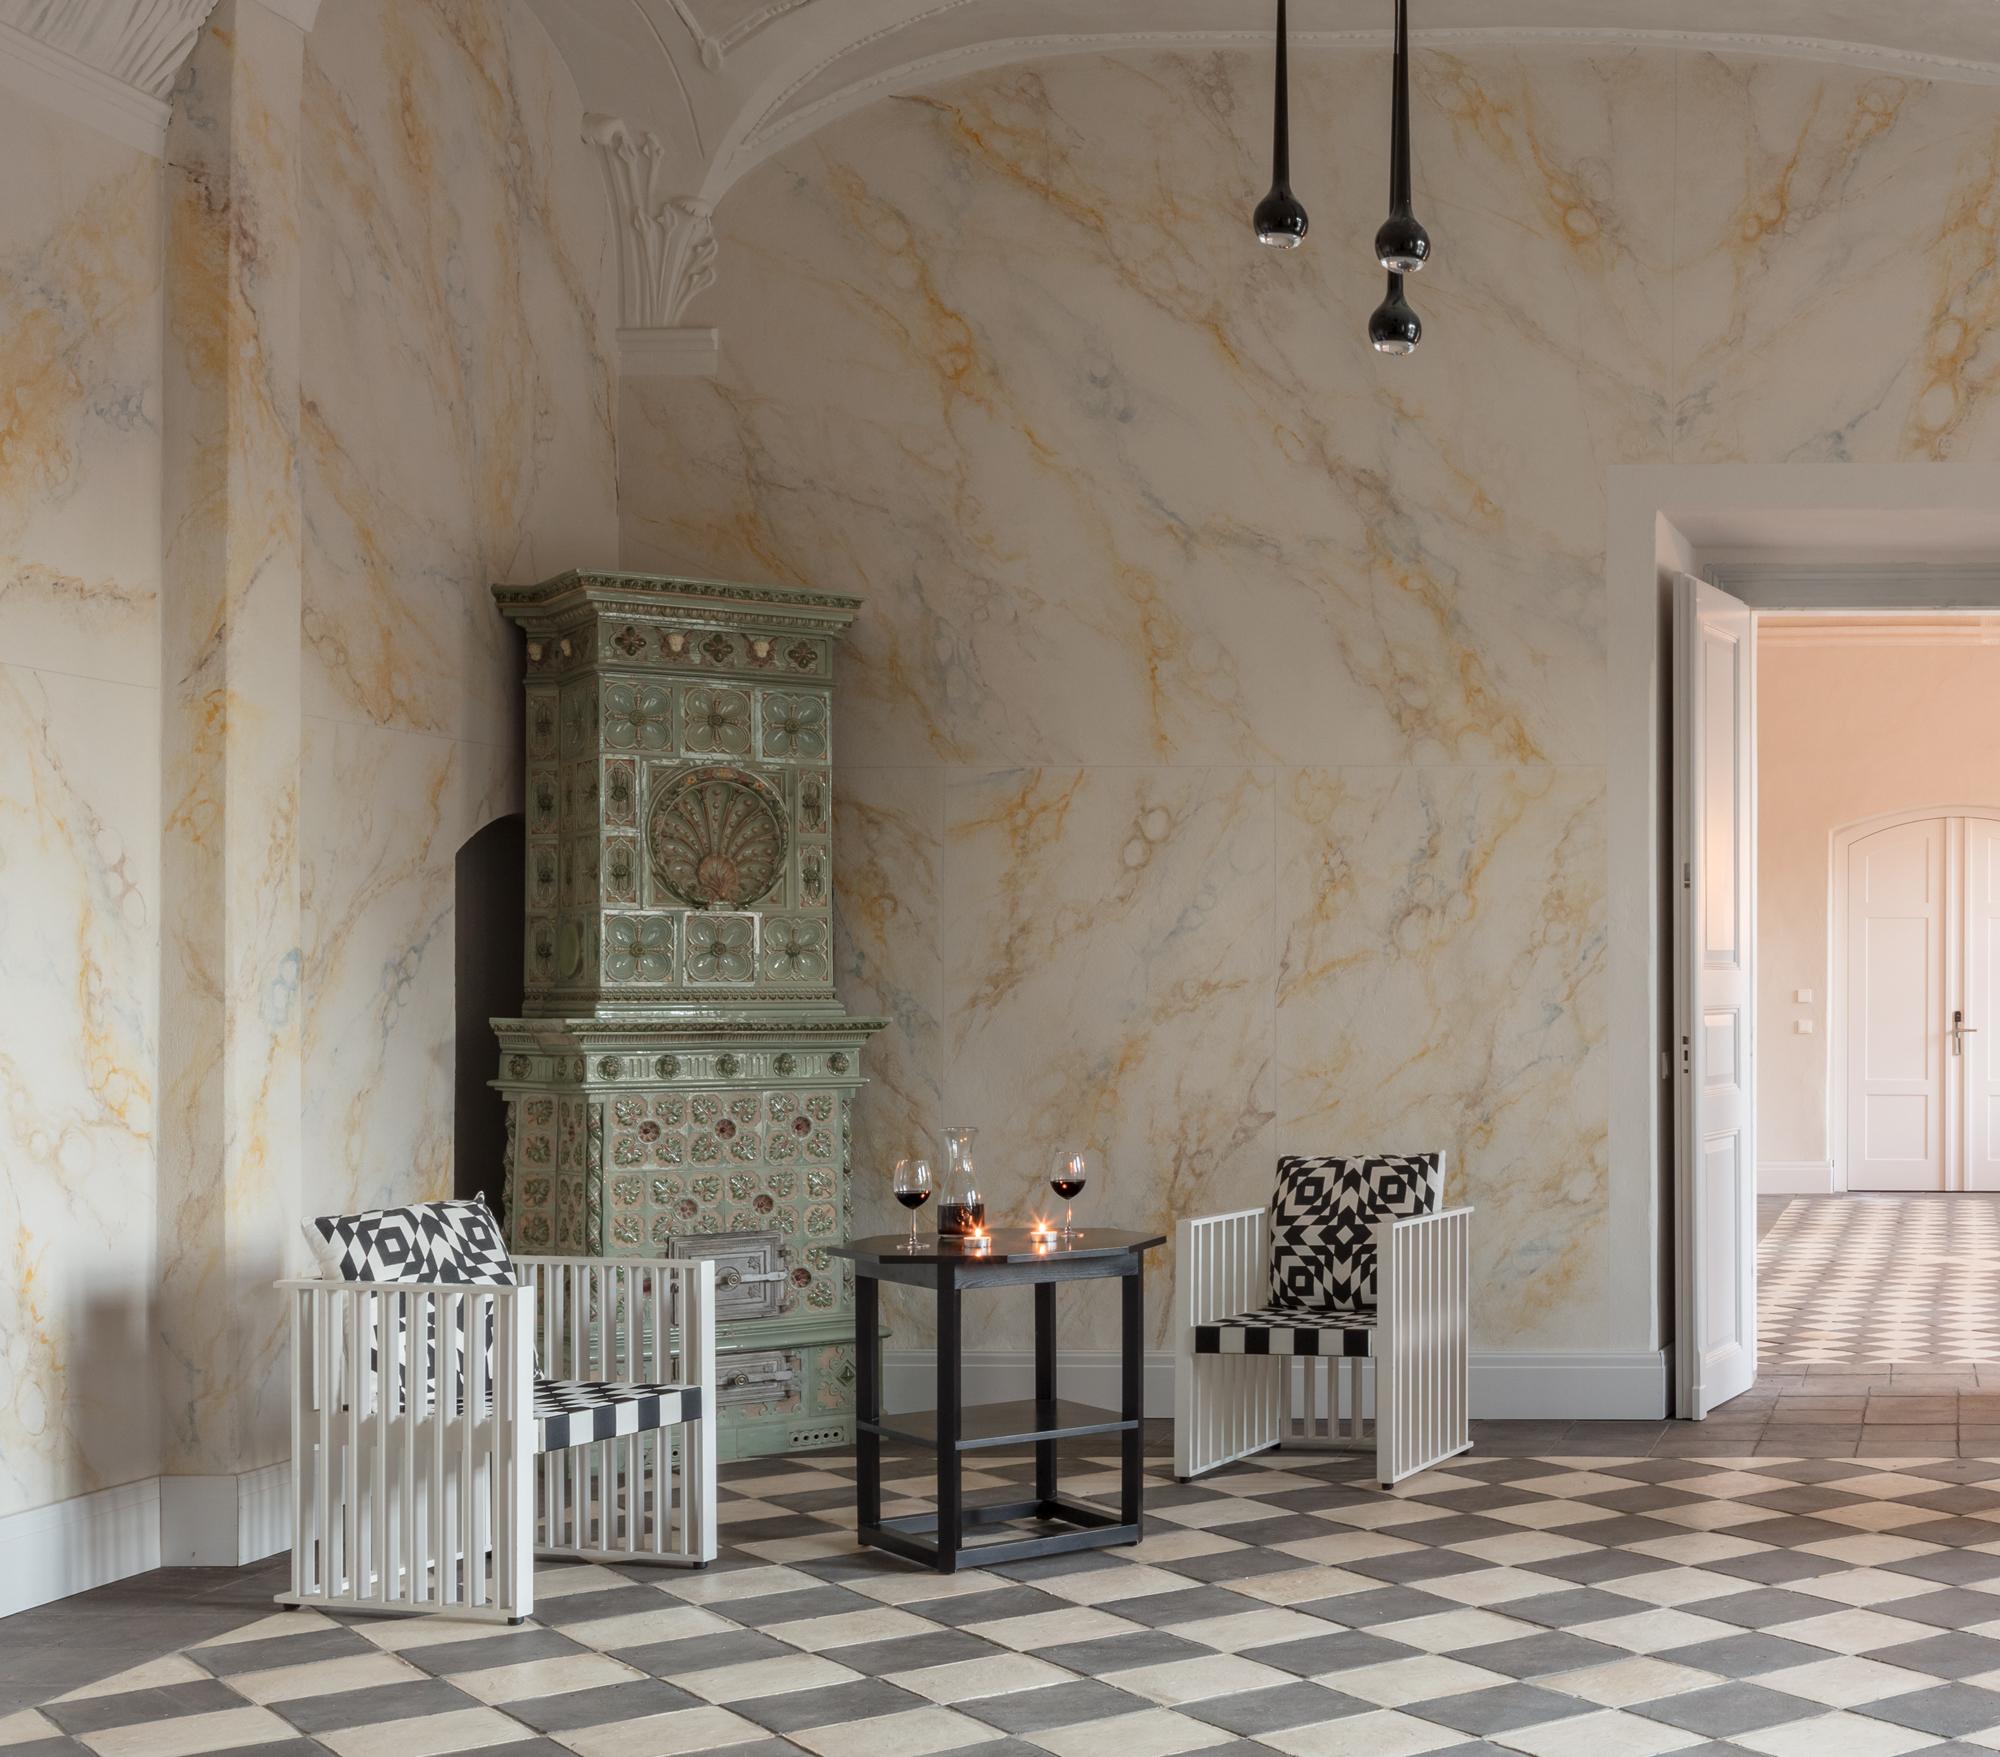 Gartensaal. Foto: Till Schuster